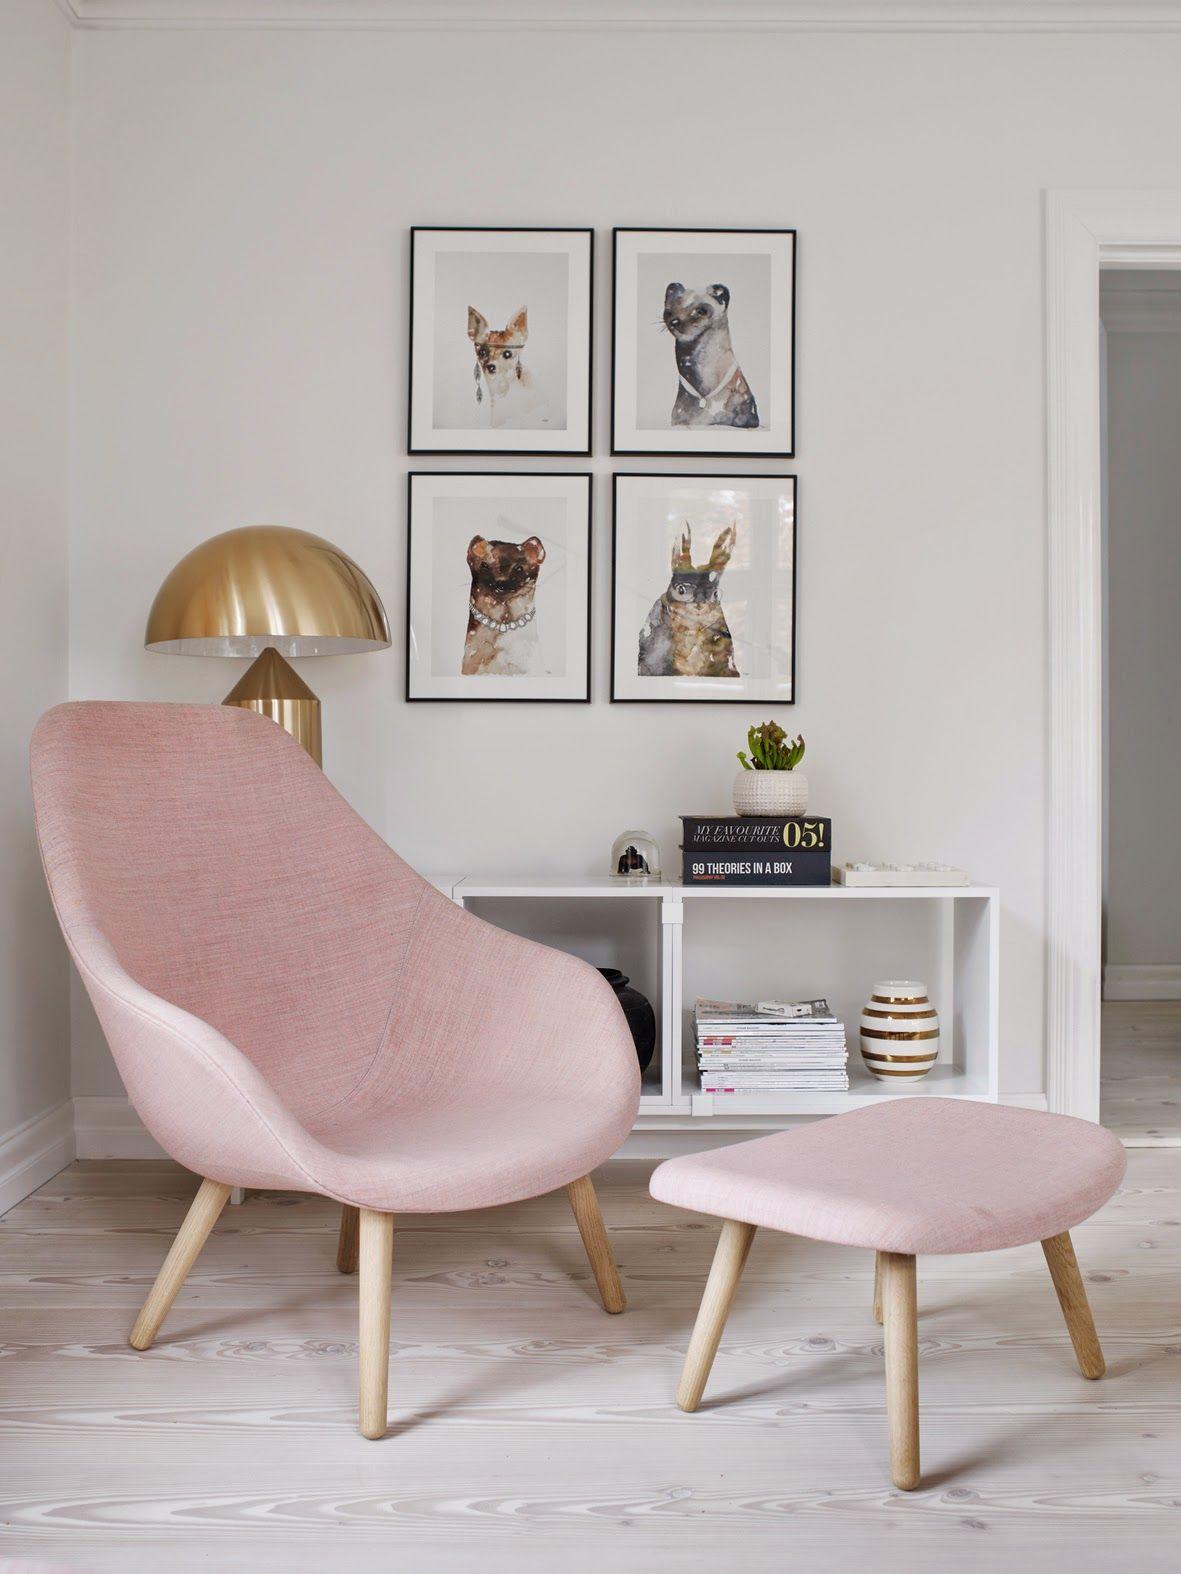 Ciekawy model fotela w delikatnym różu